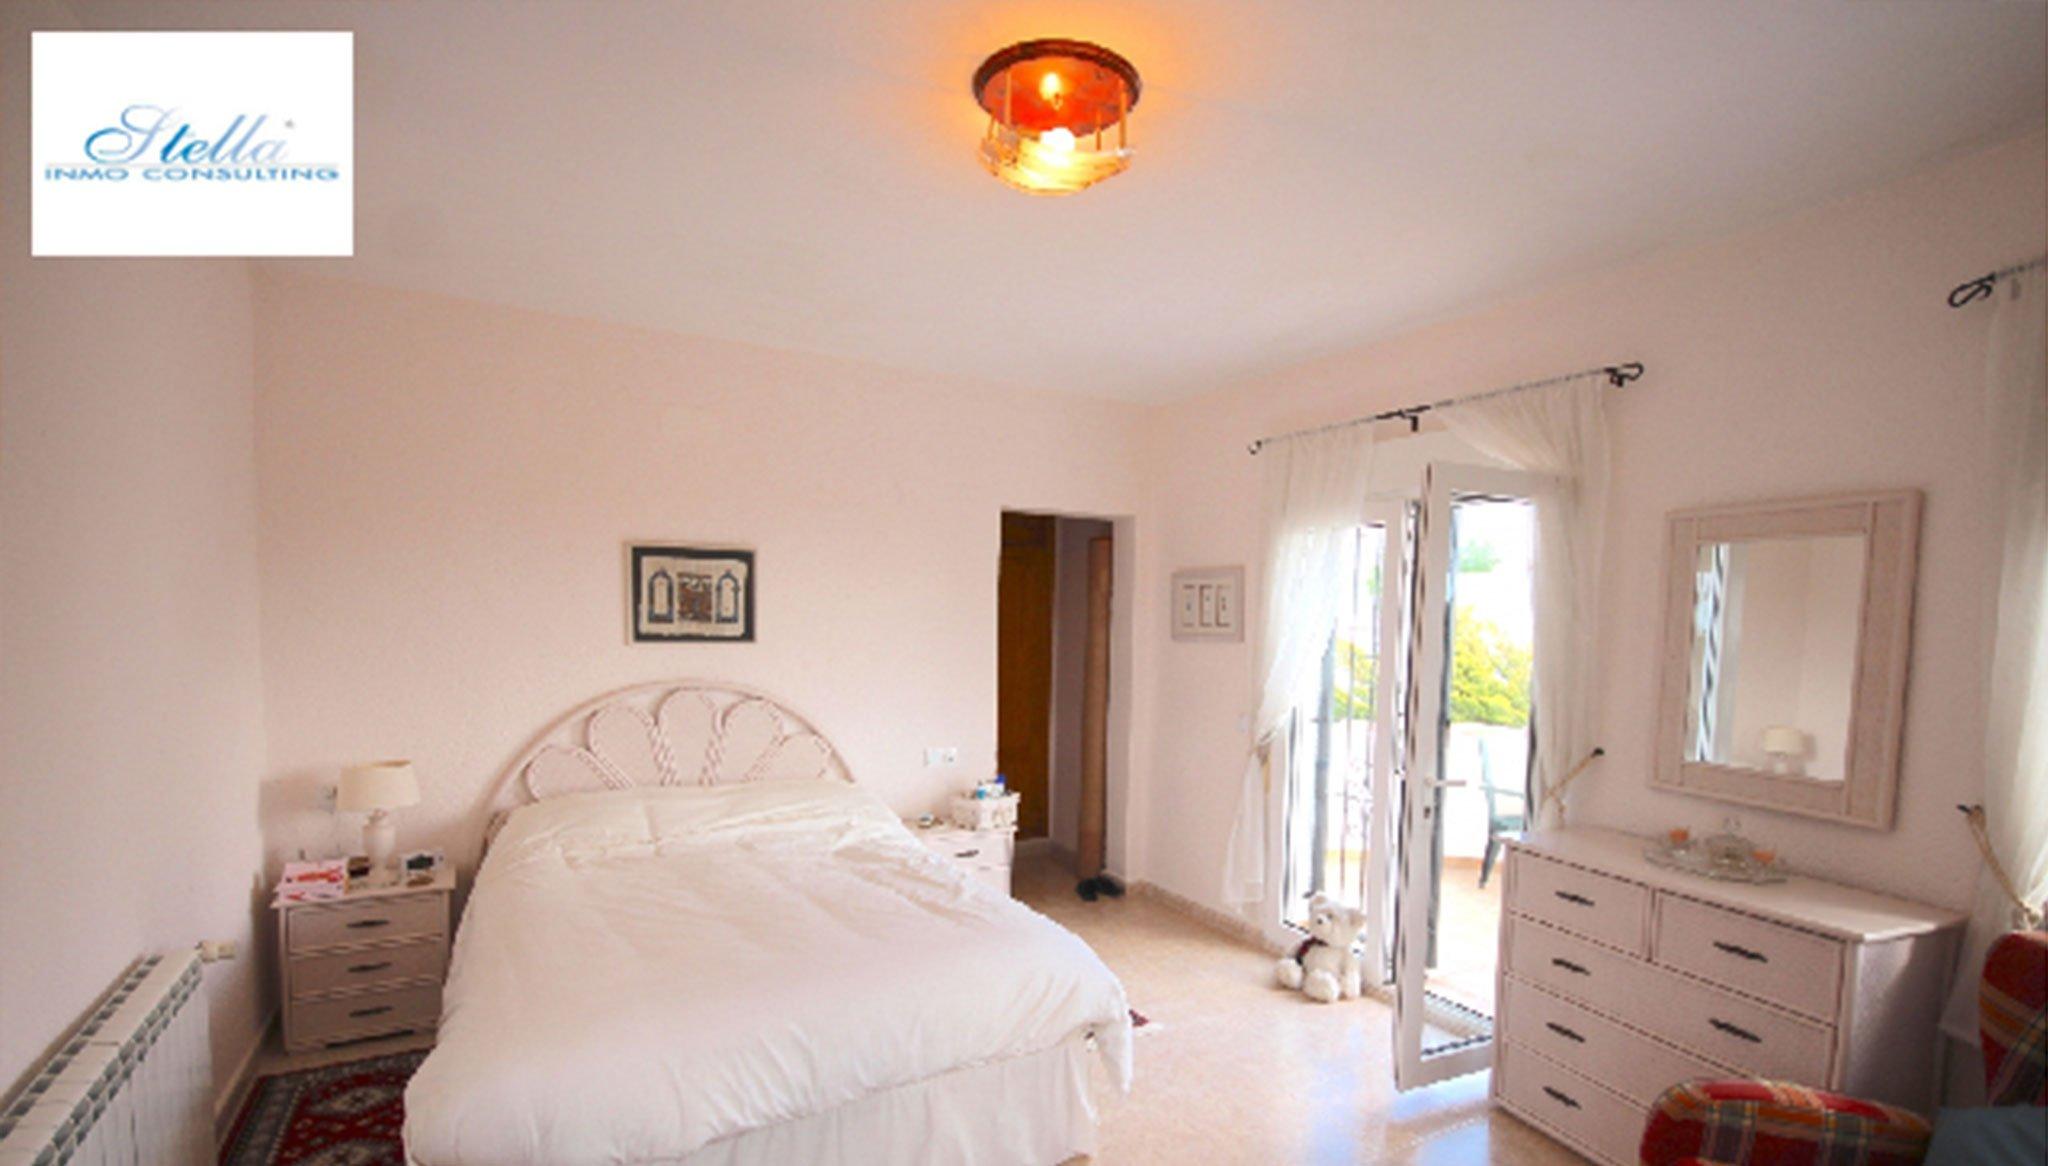 Una delle tre stanze di una villa in vendita - Stella Inmo Consulting